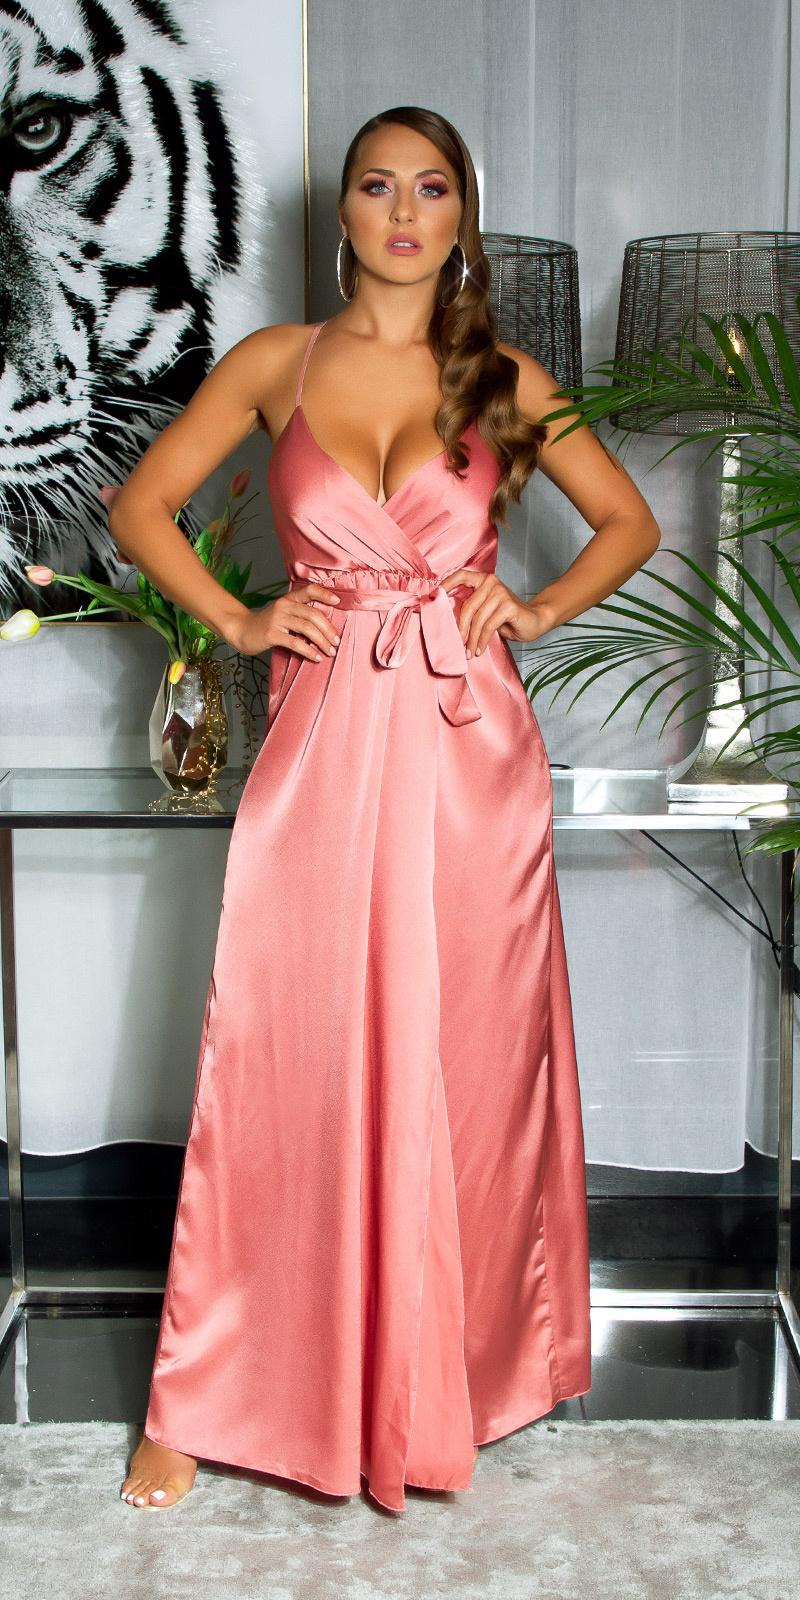 Sexy satijn-look maxi jurk in wikkel-look abrikoos-kleurig